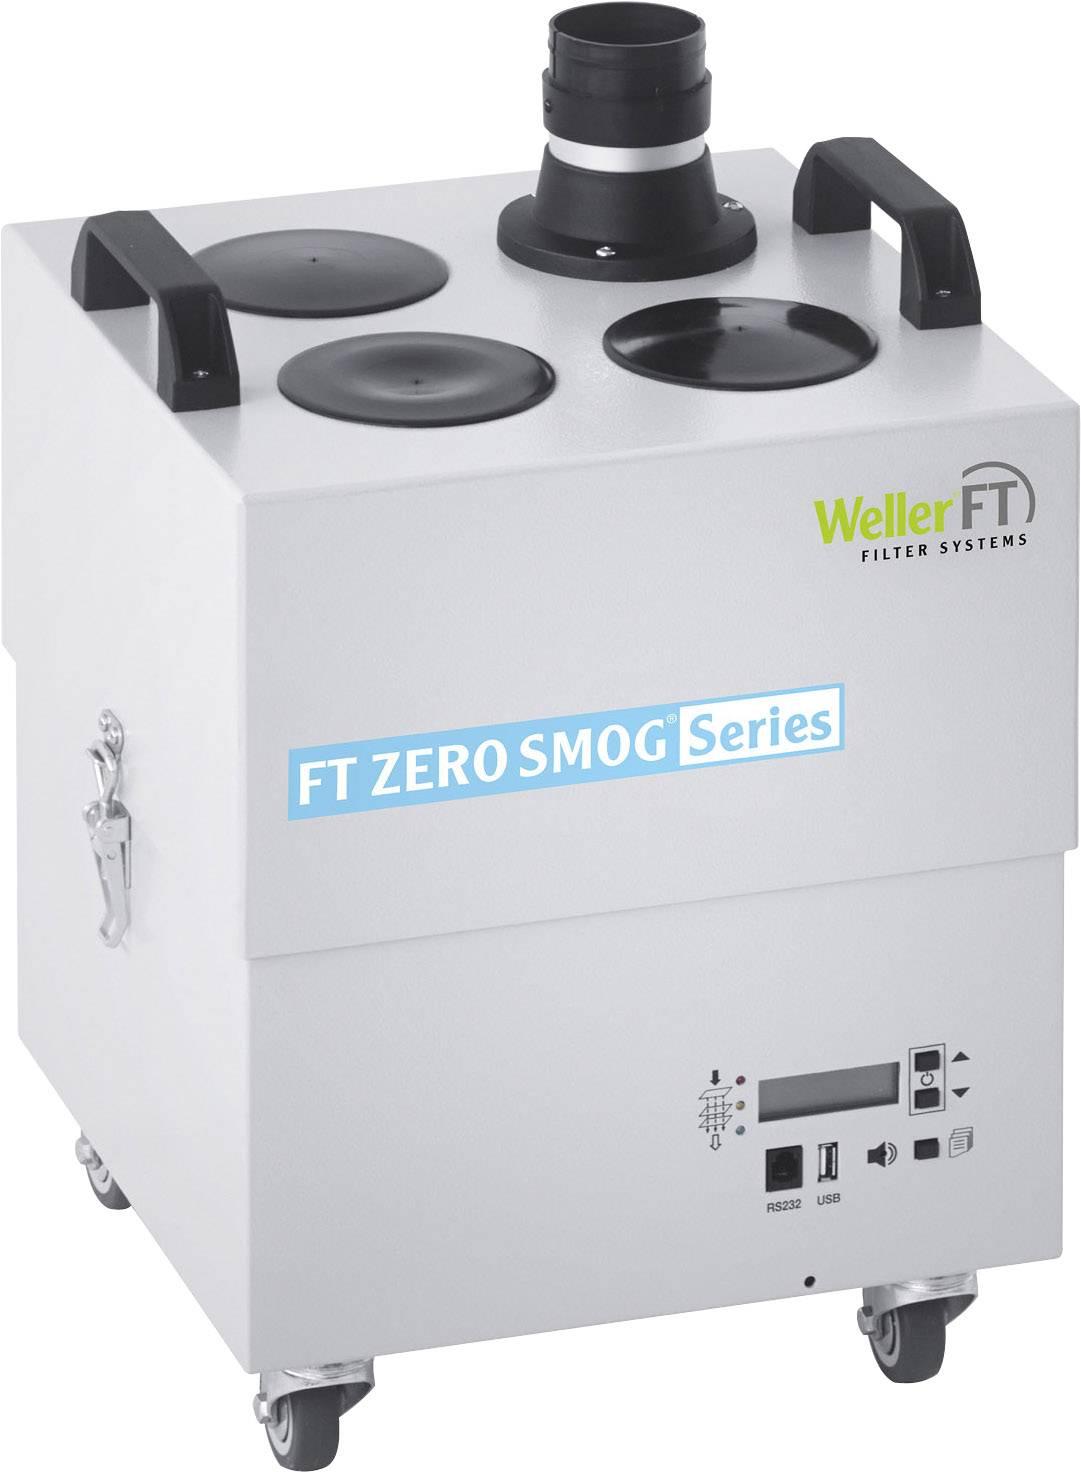 Odsávač dymu pri spájkovaní Weller Professional Zero Smog 4V, 275 W, 230 m³/h